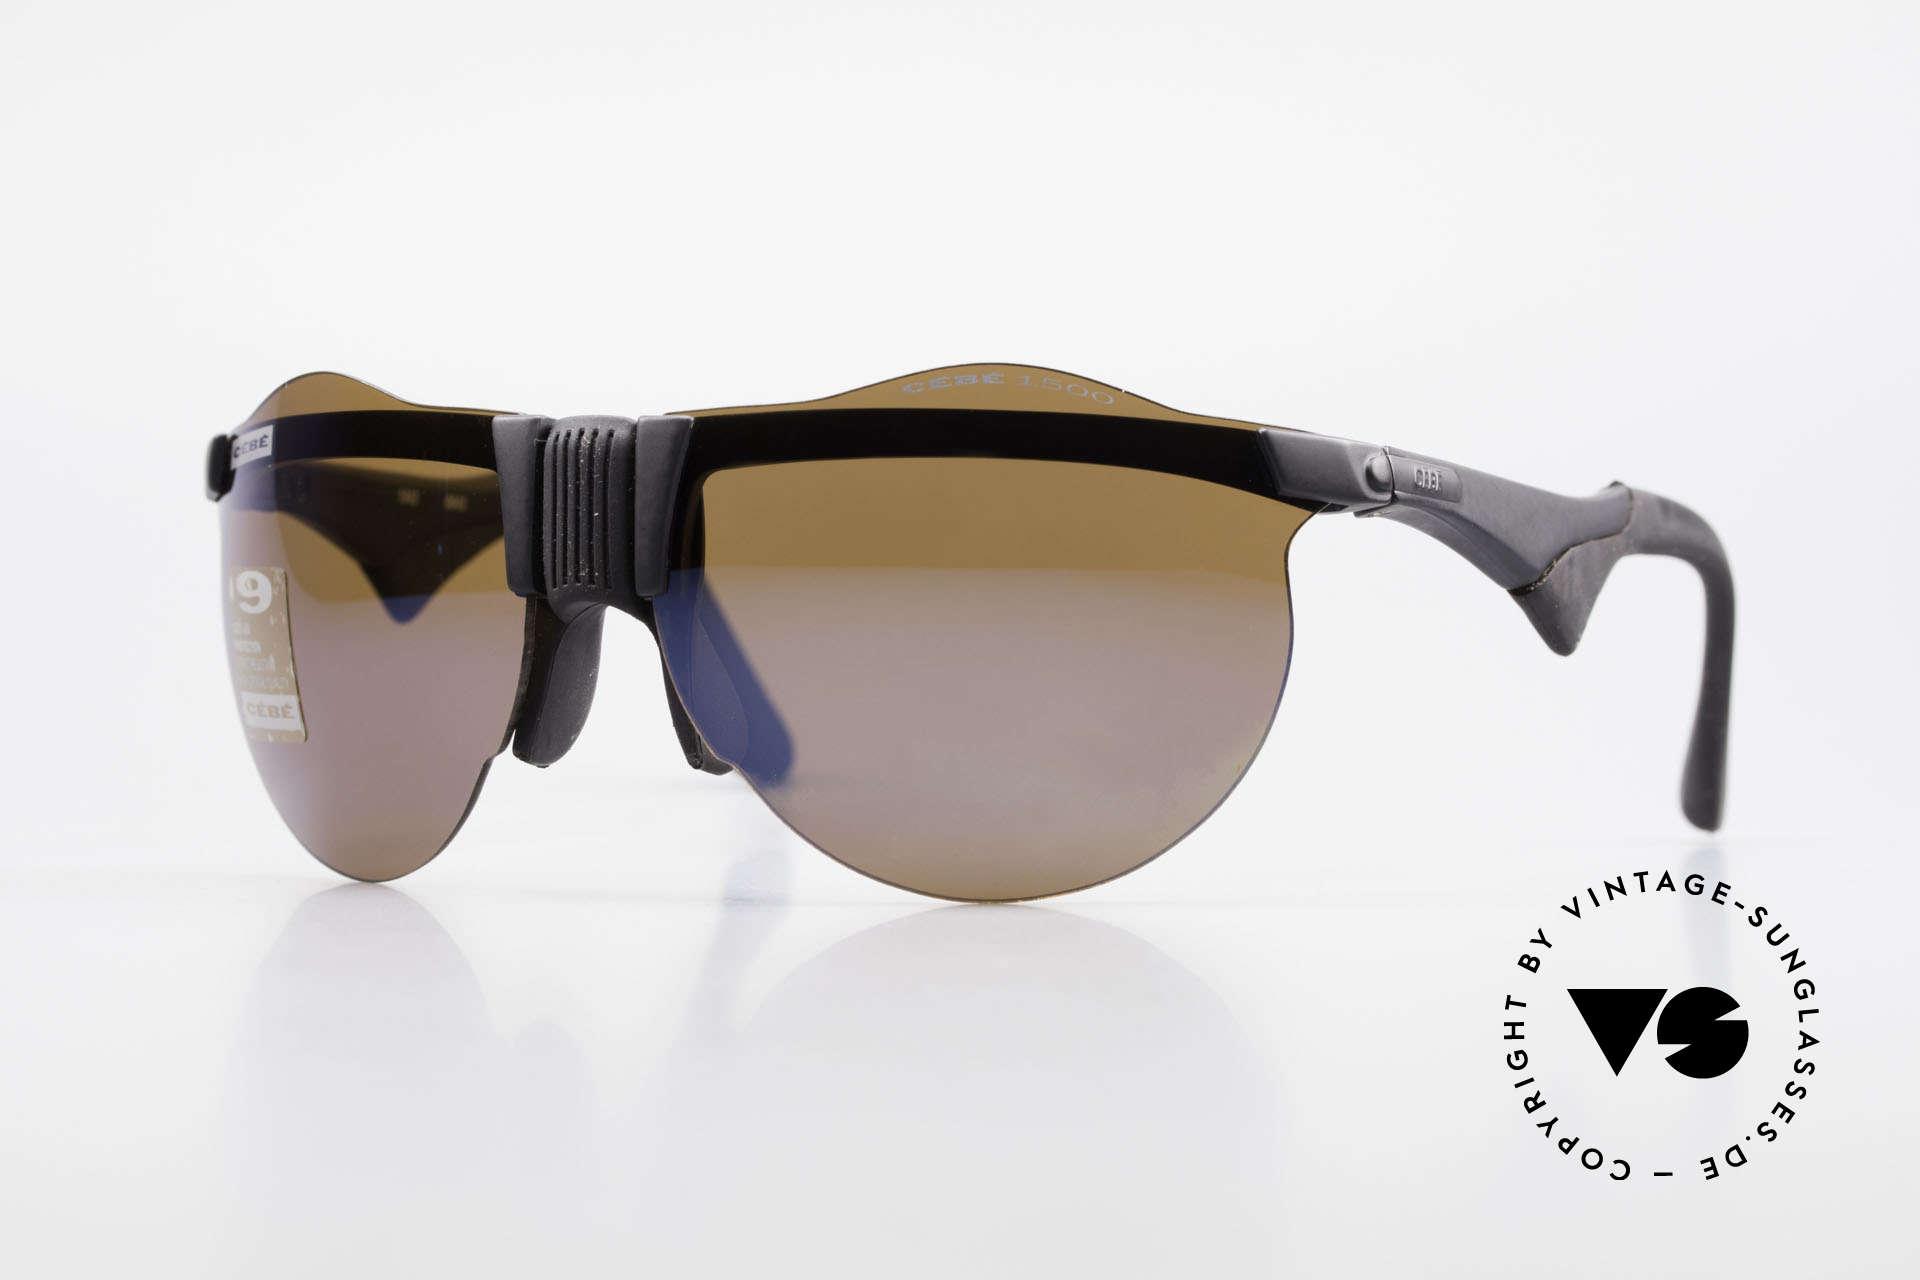 Cebe 1943 Alte Rennfahrer Sonnenbrille, vintage CEBE Sportbrille für den extremen Einsatz, Passend für Herren und Damen